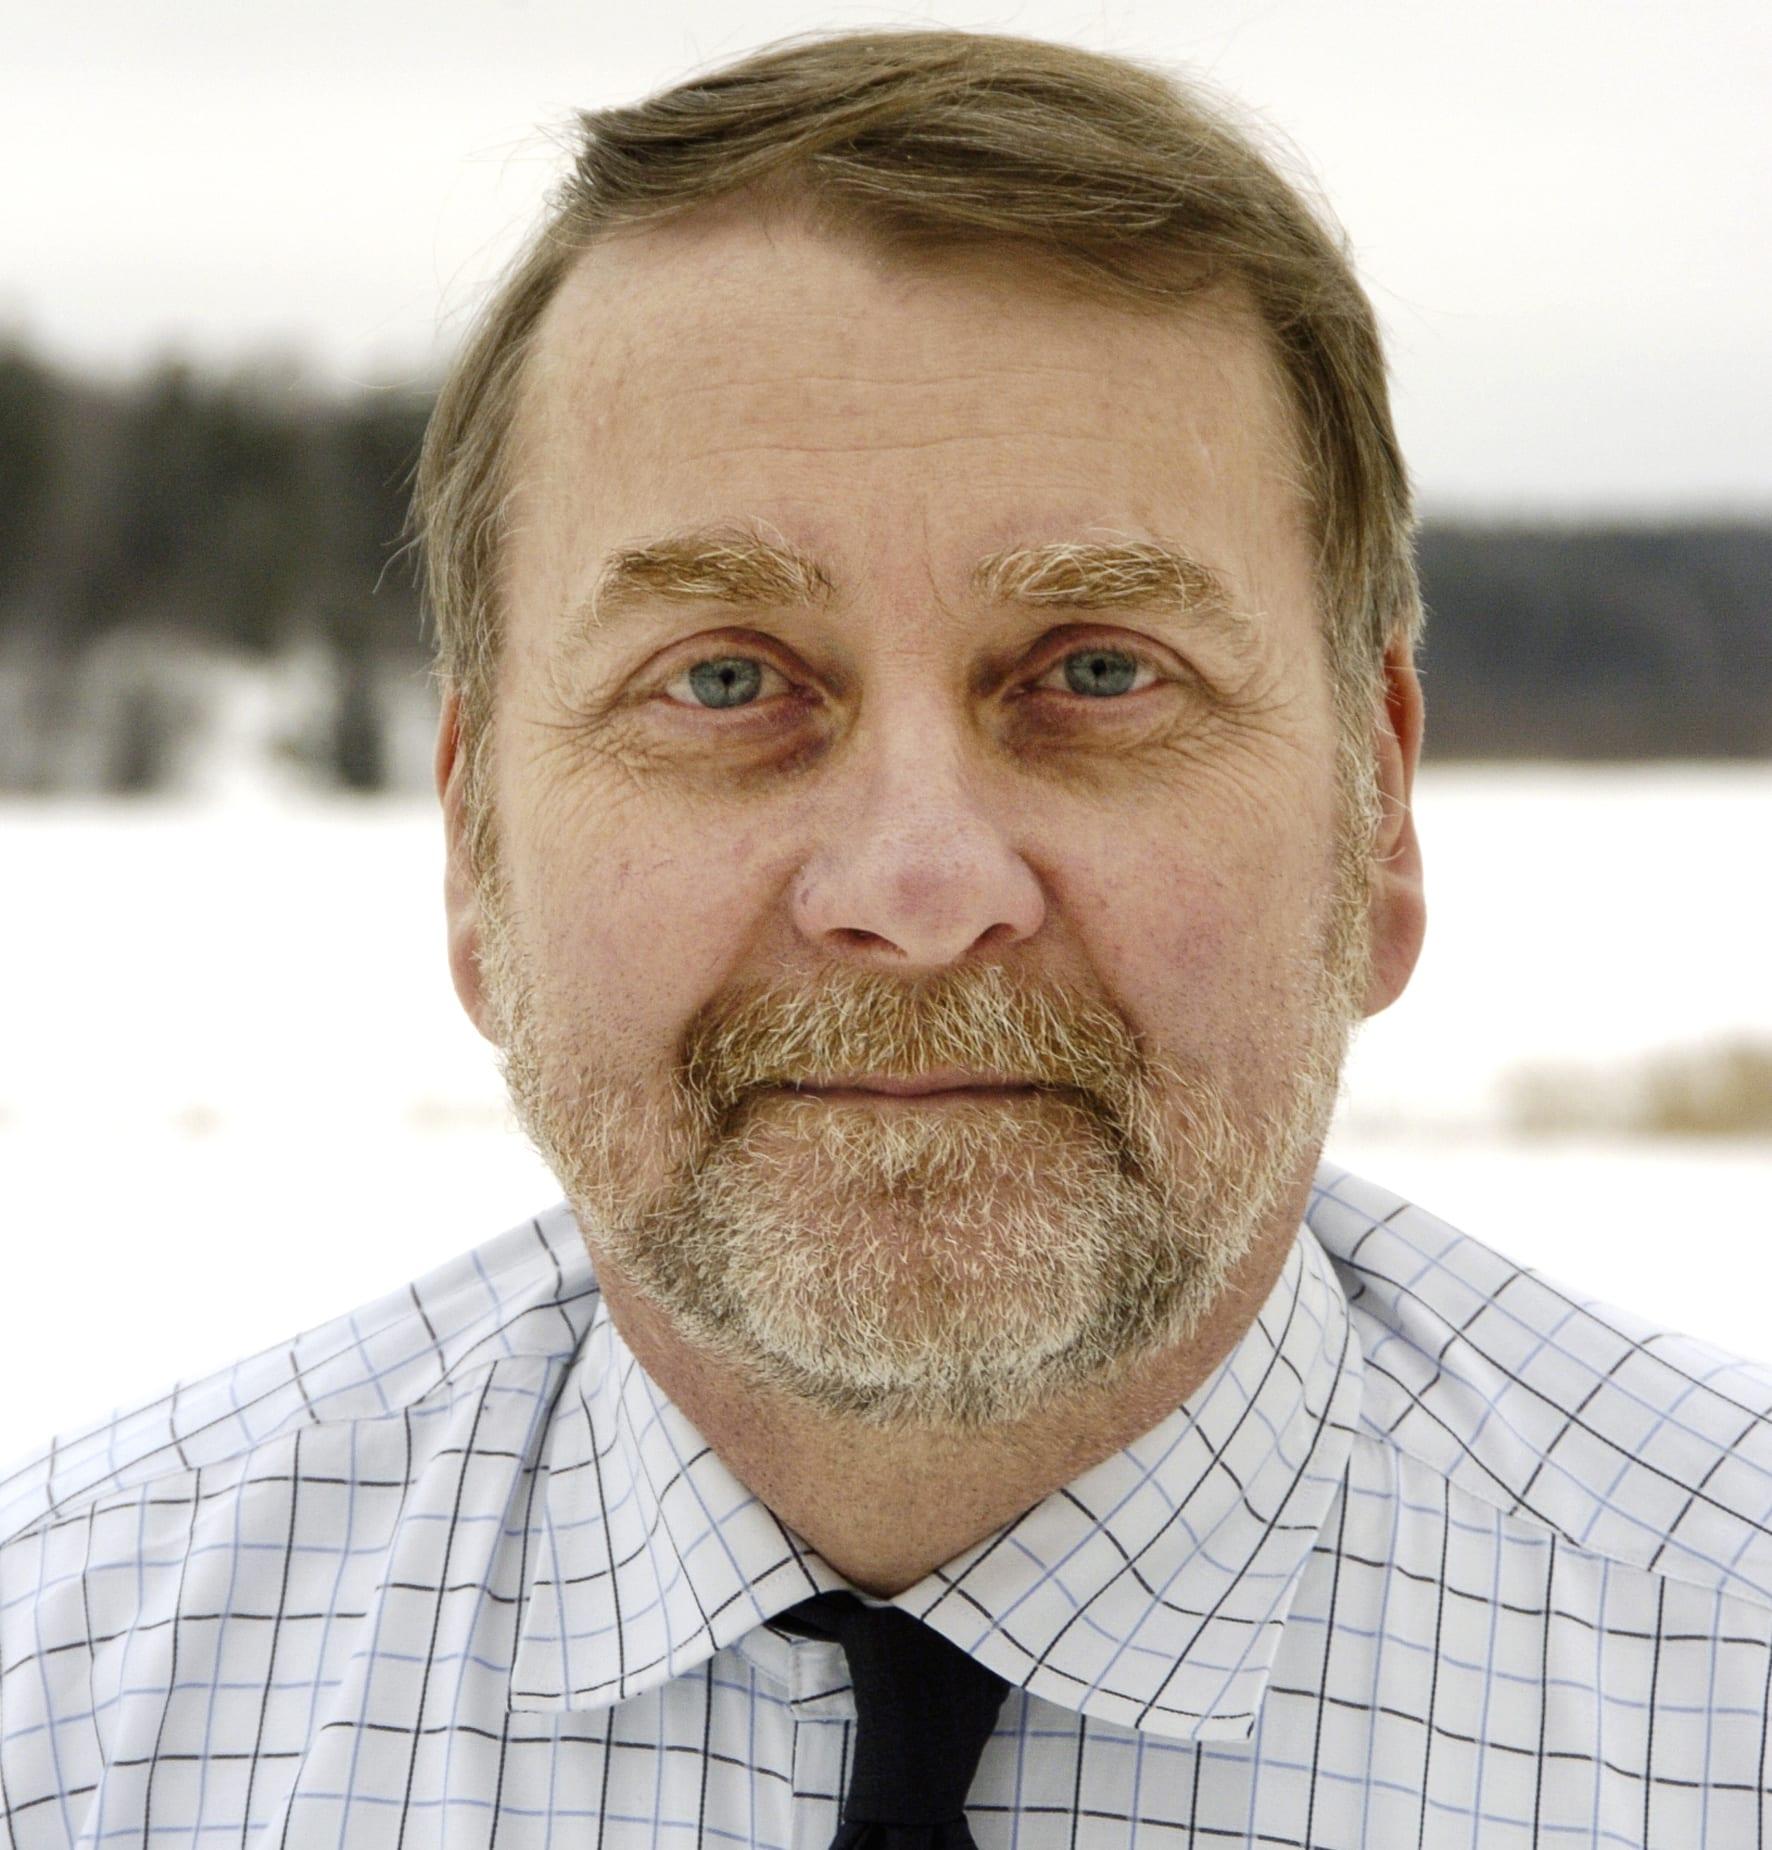 Före detta jaktvårdskonsulenten och jaktjuridiske experten Sven Johansson har avlidit i en ålder av 64 år. Foto: Privat